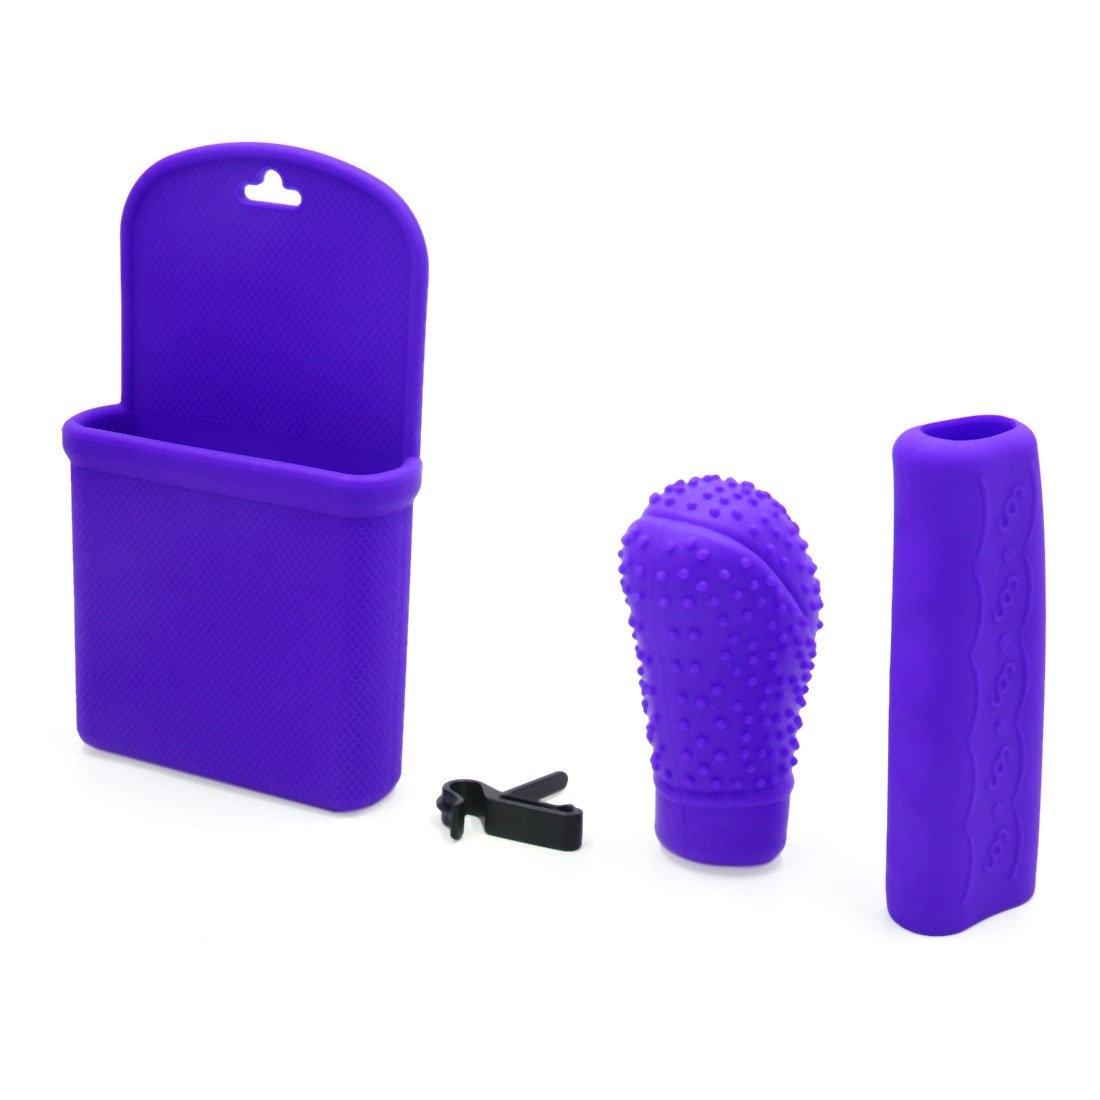 uxcell 3 em 1 de silicone roxo botao de mudanca de engrenagem caixa de armazenamento capa